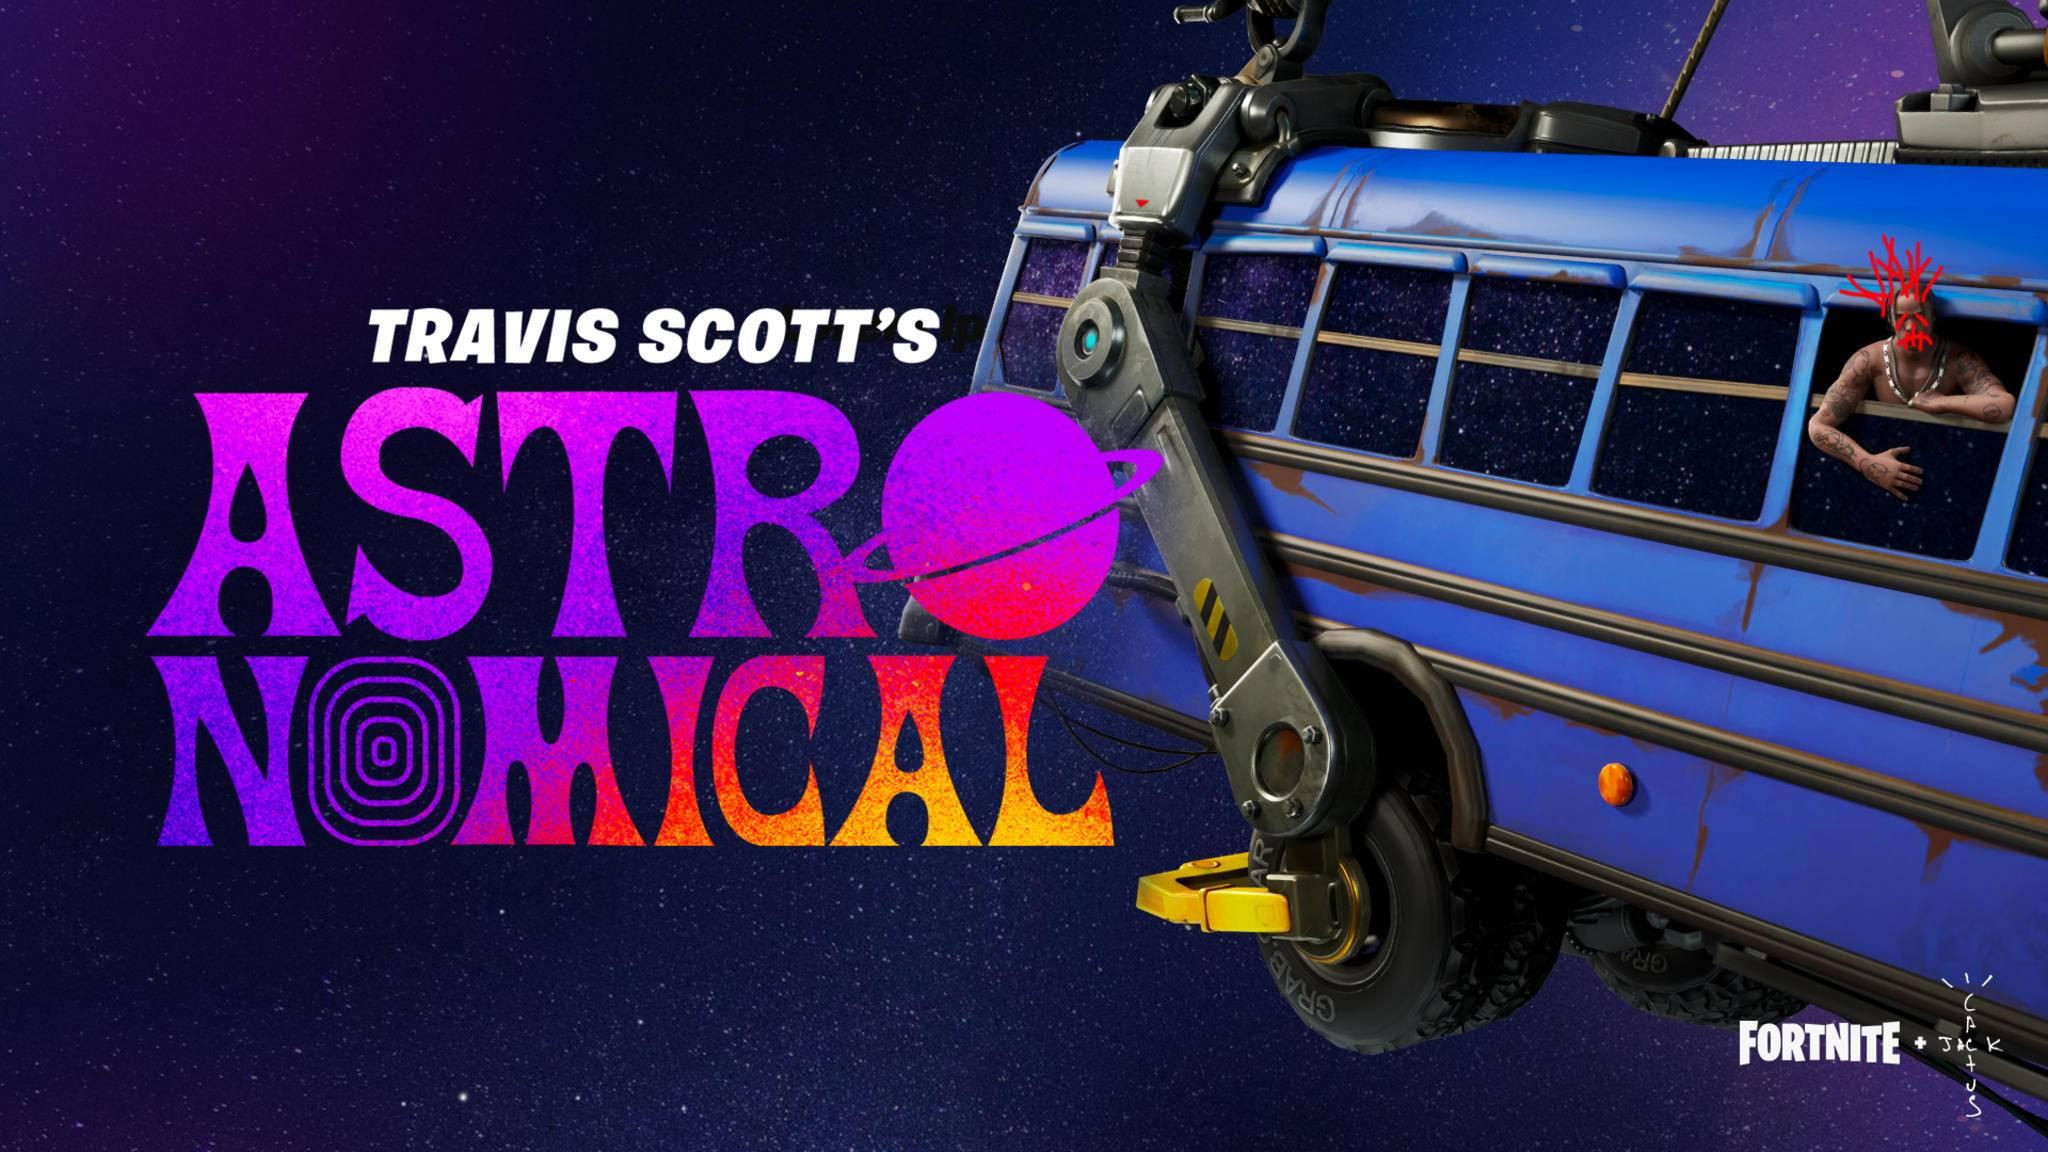 fortnite-travis-scott-astronomical